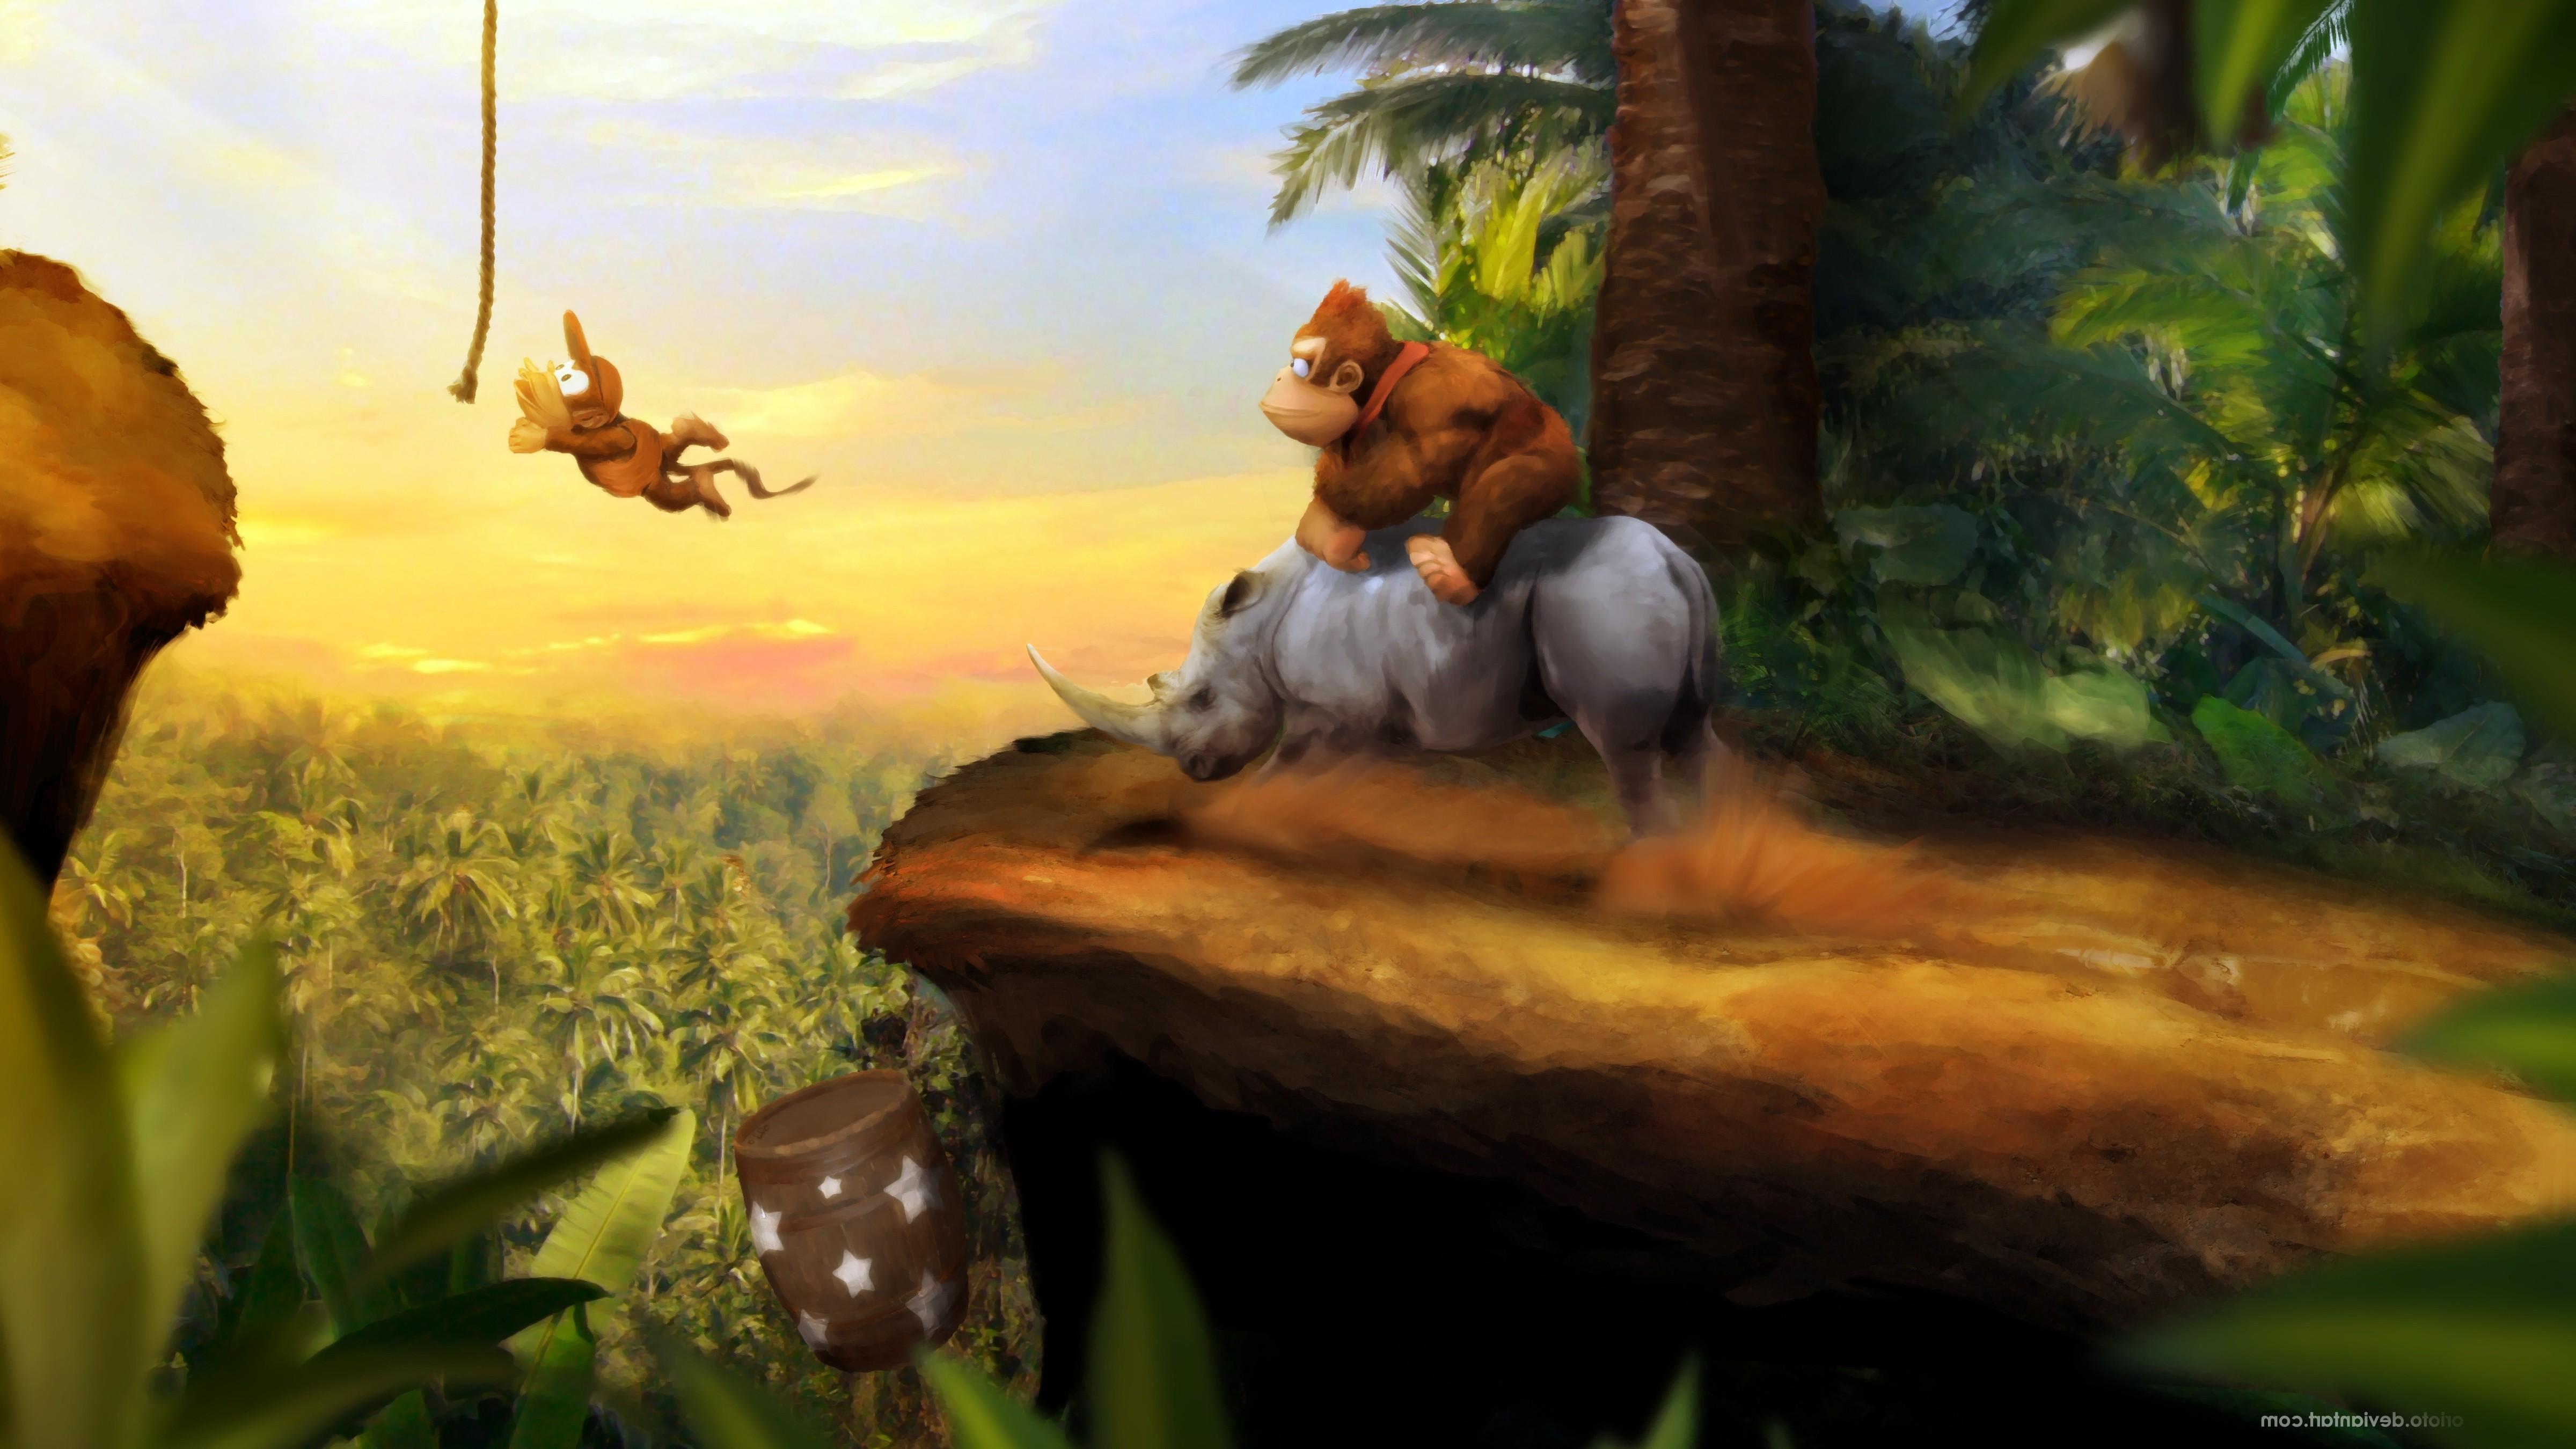 Fondos De Pantalla Bosque Videojuegos Selva Donkey Kong